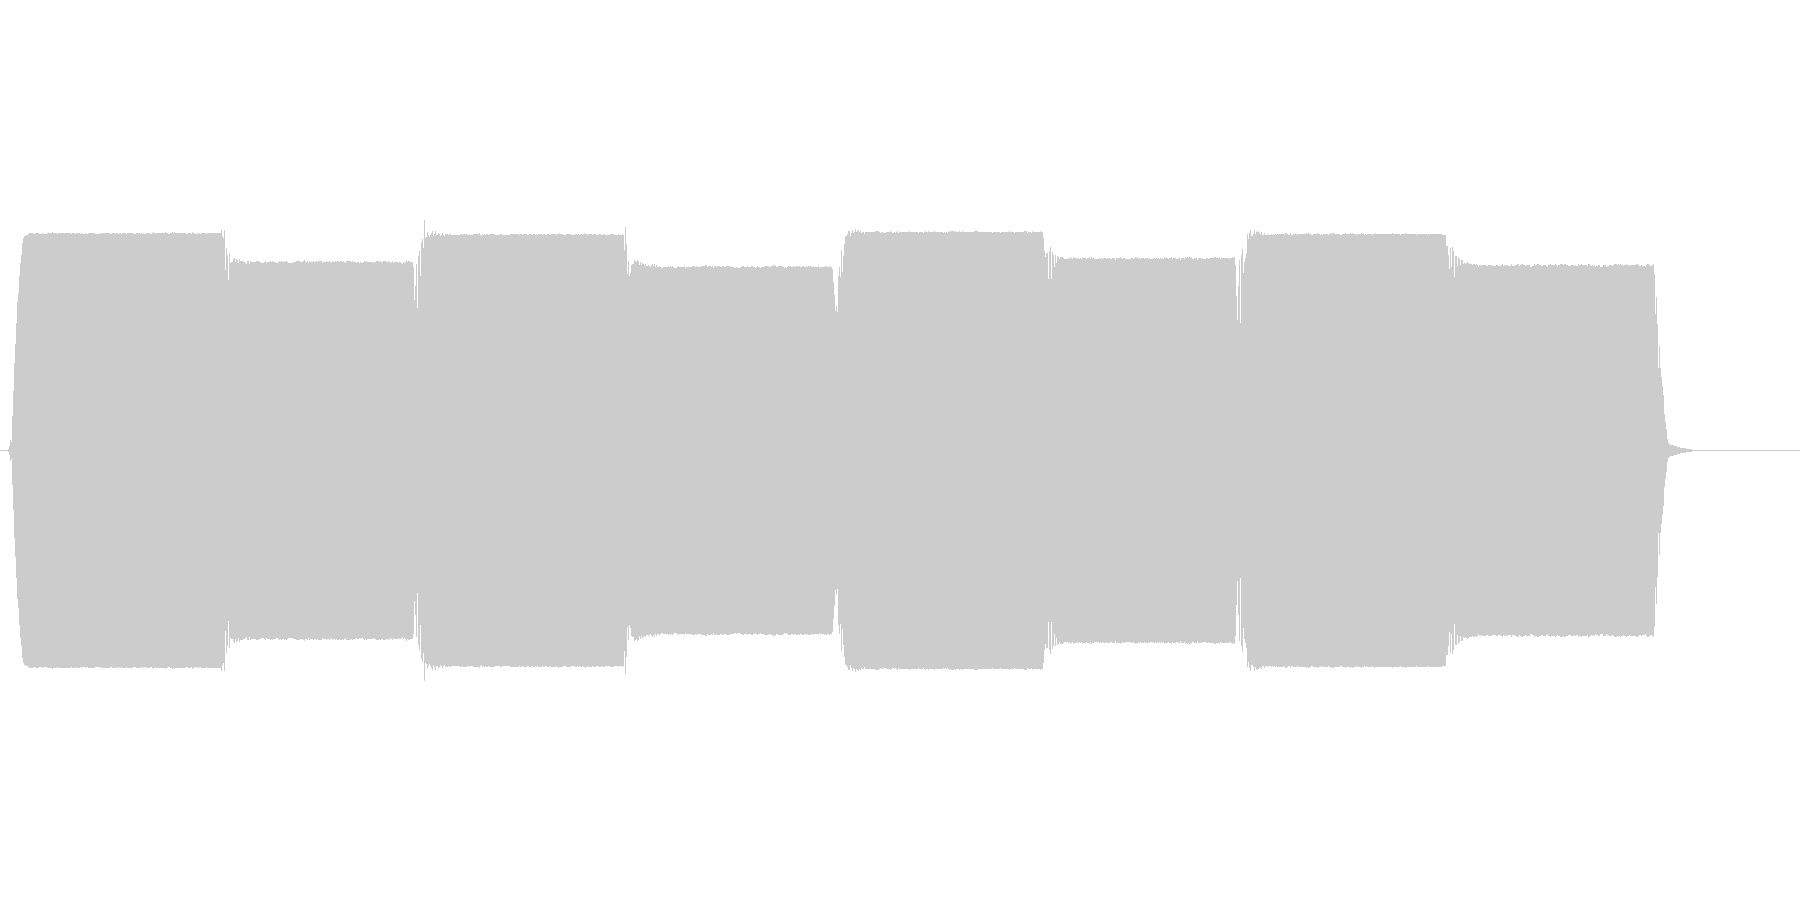 ピーポー(救急車、ハーモニックサイレン)の未再生の波形